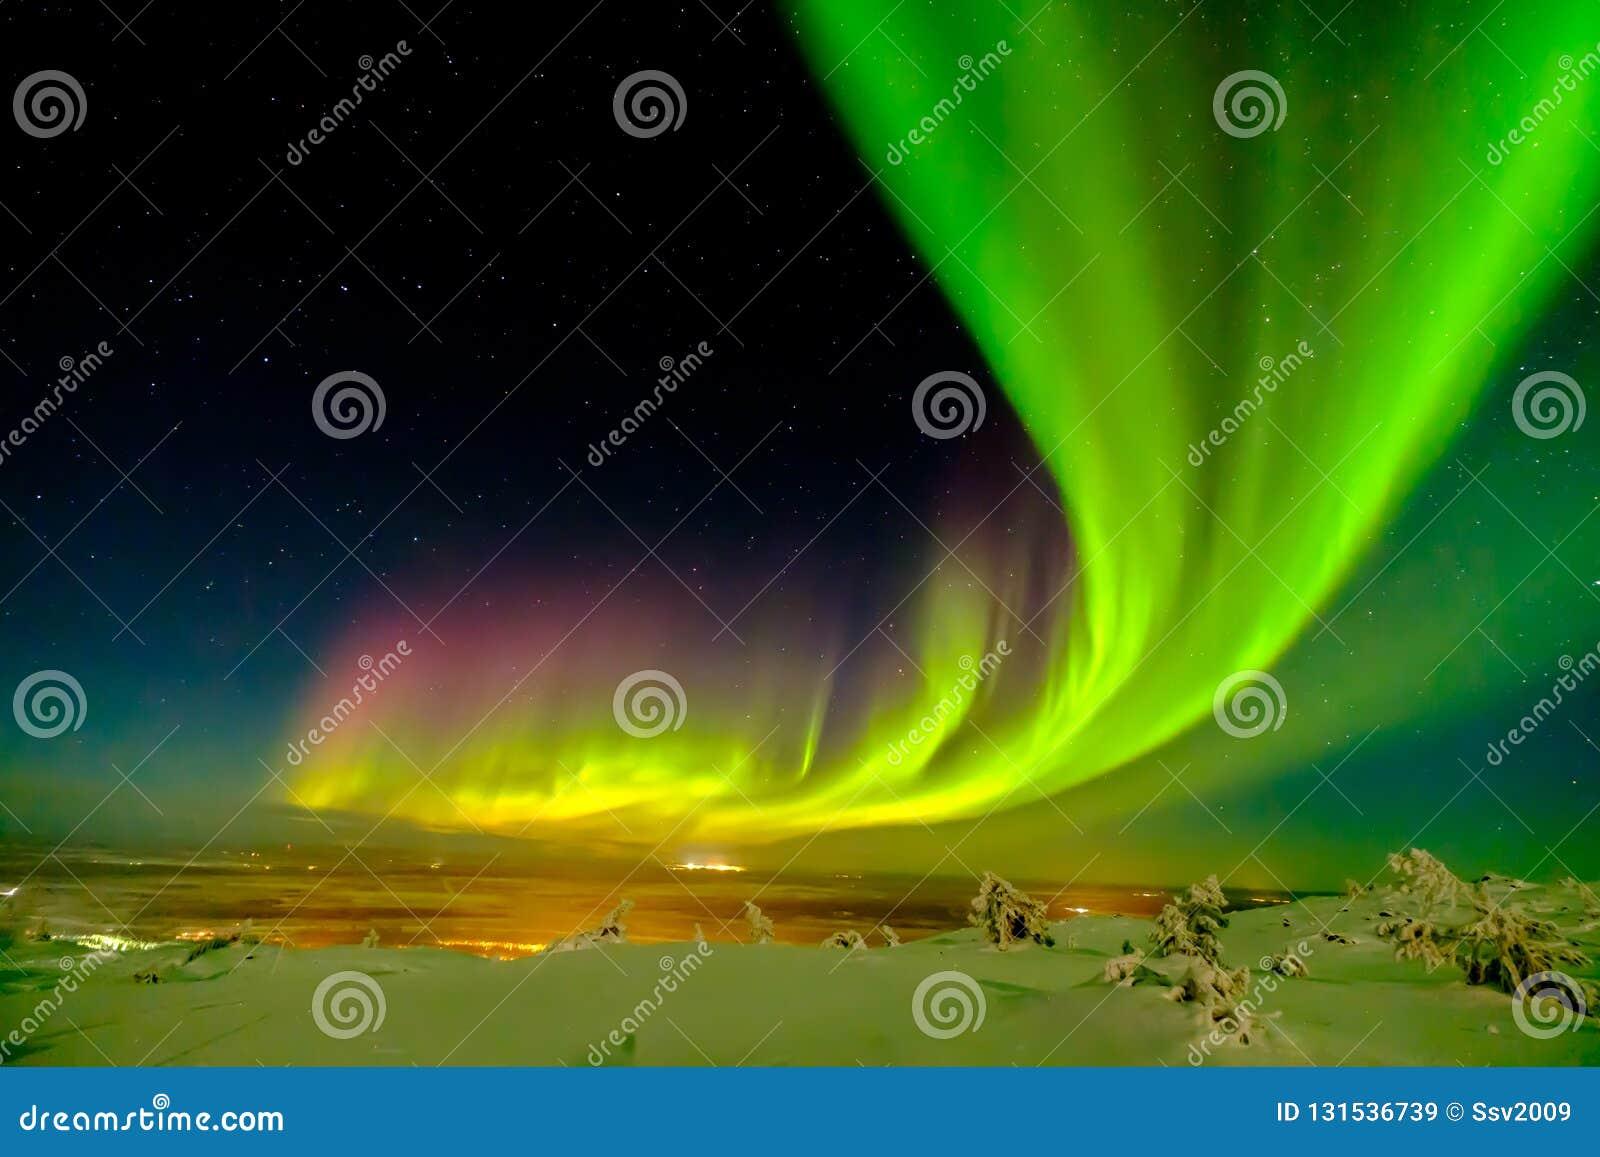 Aurora borealis également connu comme les lumières du nord ou polaires au delà du cercle arctique en hiver Laponie